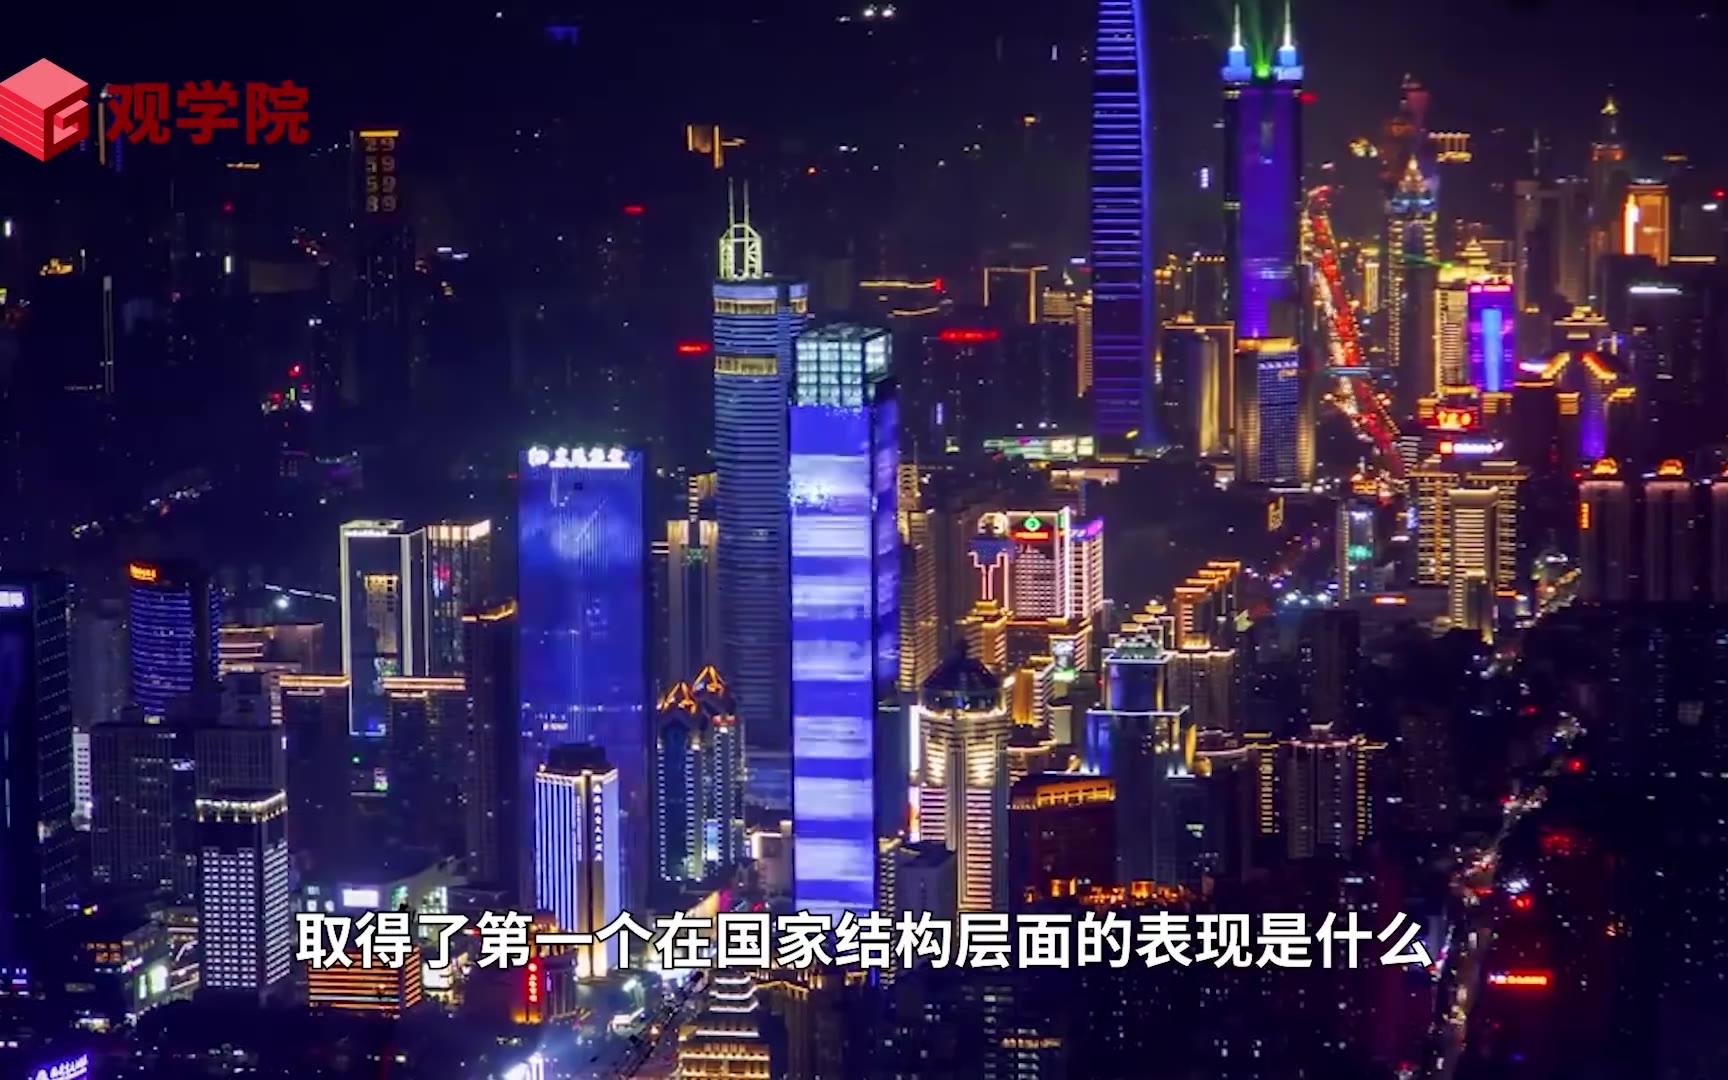 """沈逸:全球网络空间治理改革,能""""革""""掉美国的网络霸权吗?【演讲】"""